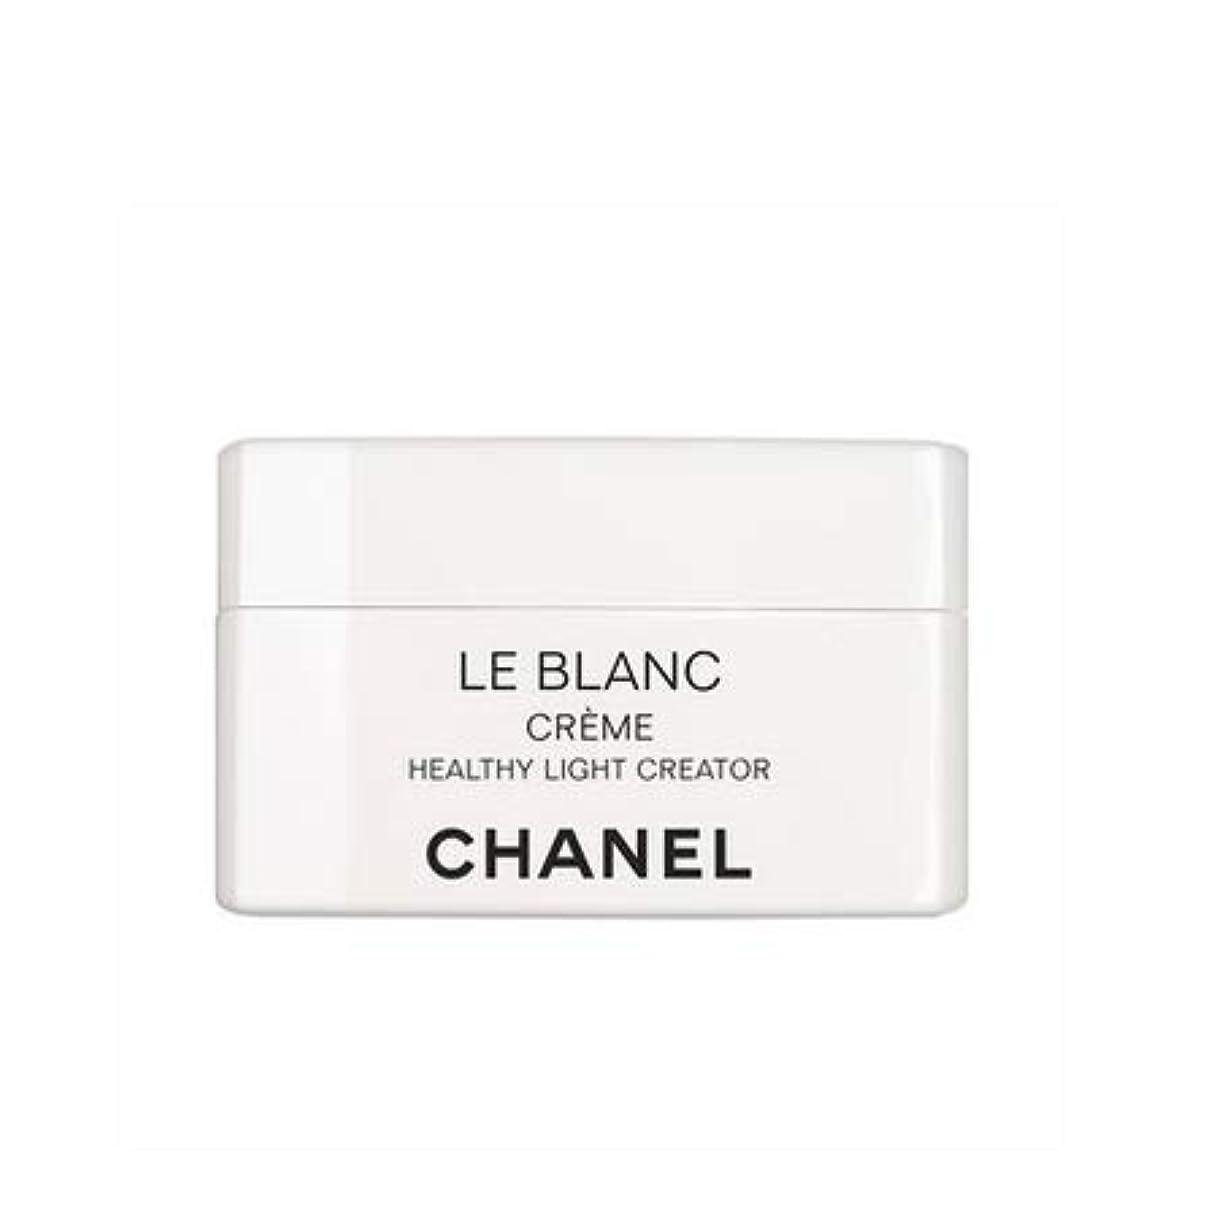 押し下げる生き返らせるきらきらシャネル ル ブラン クリーム HL 50g -CHANEL-